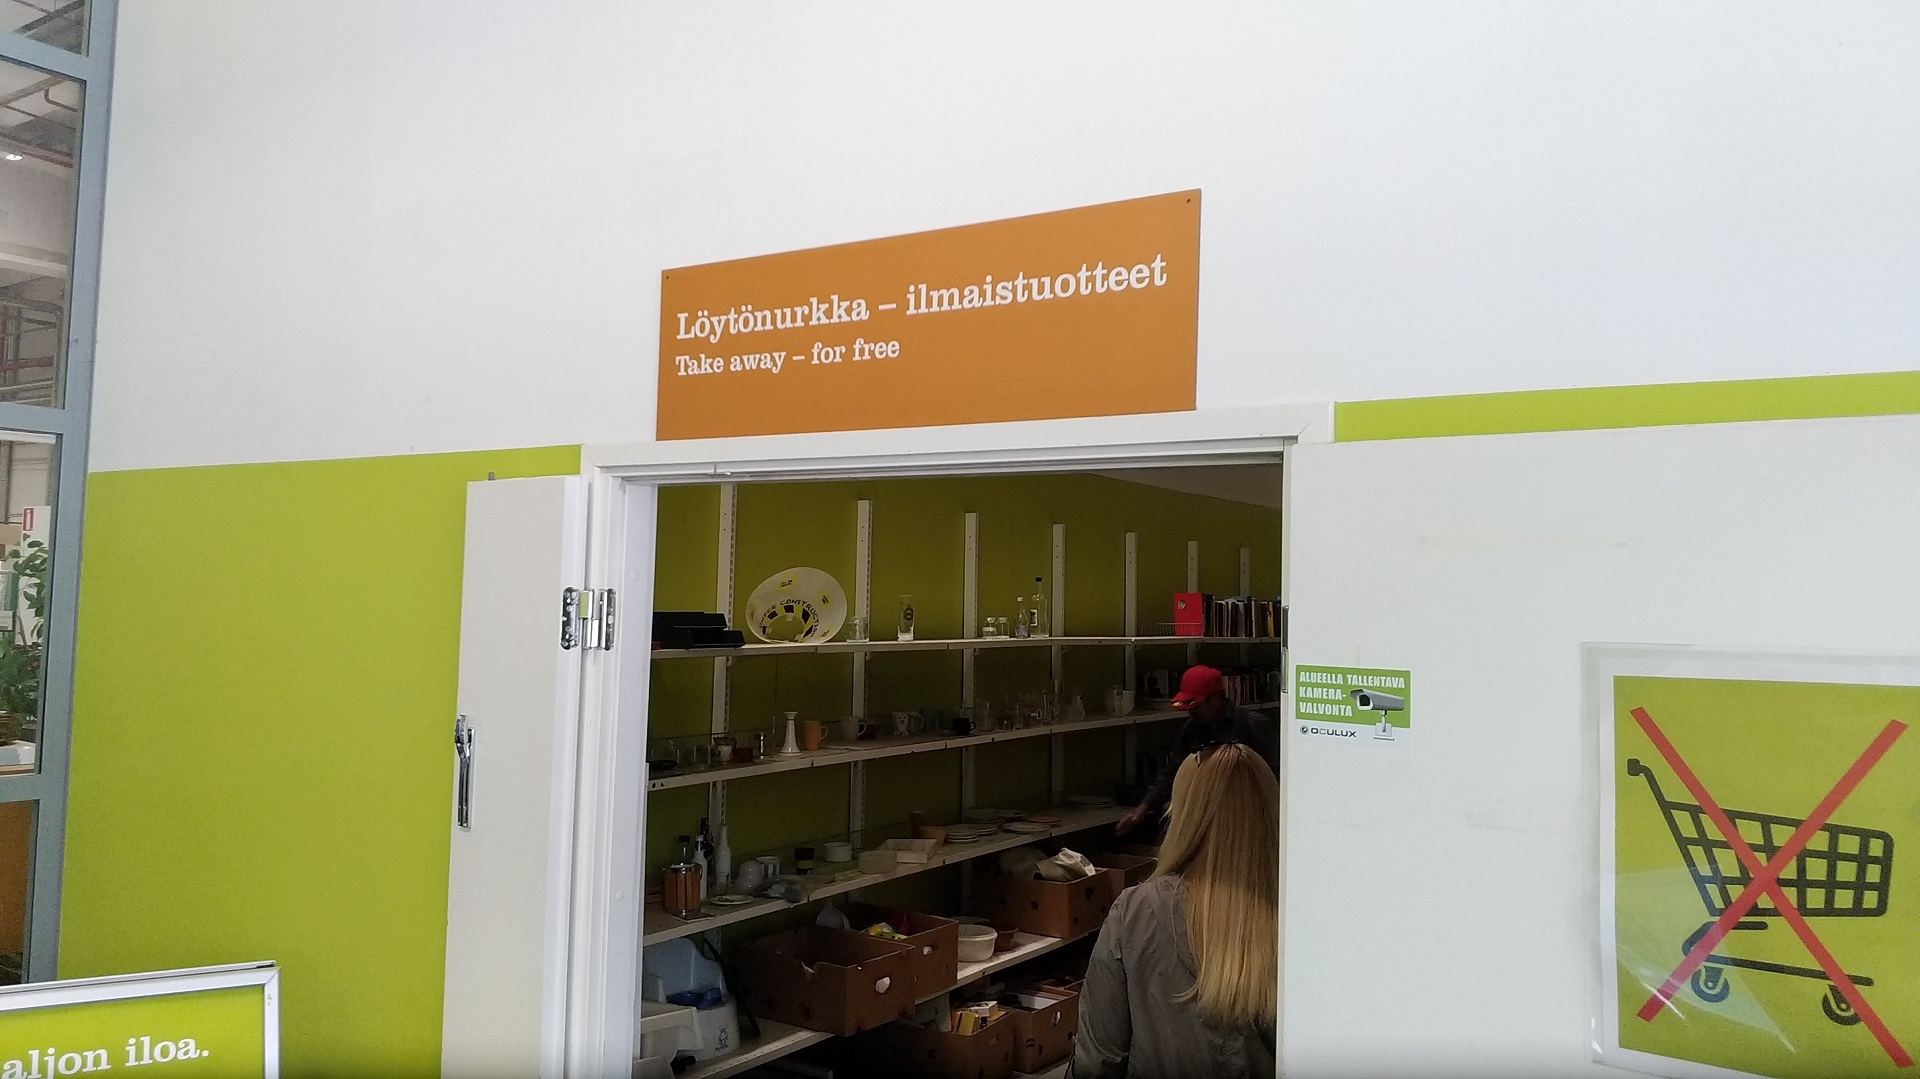 Kierrätyskeskus магазин подержданых вещей в Хельсинки и Эспоо фотография с сайта www.heihei.ru